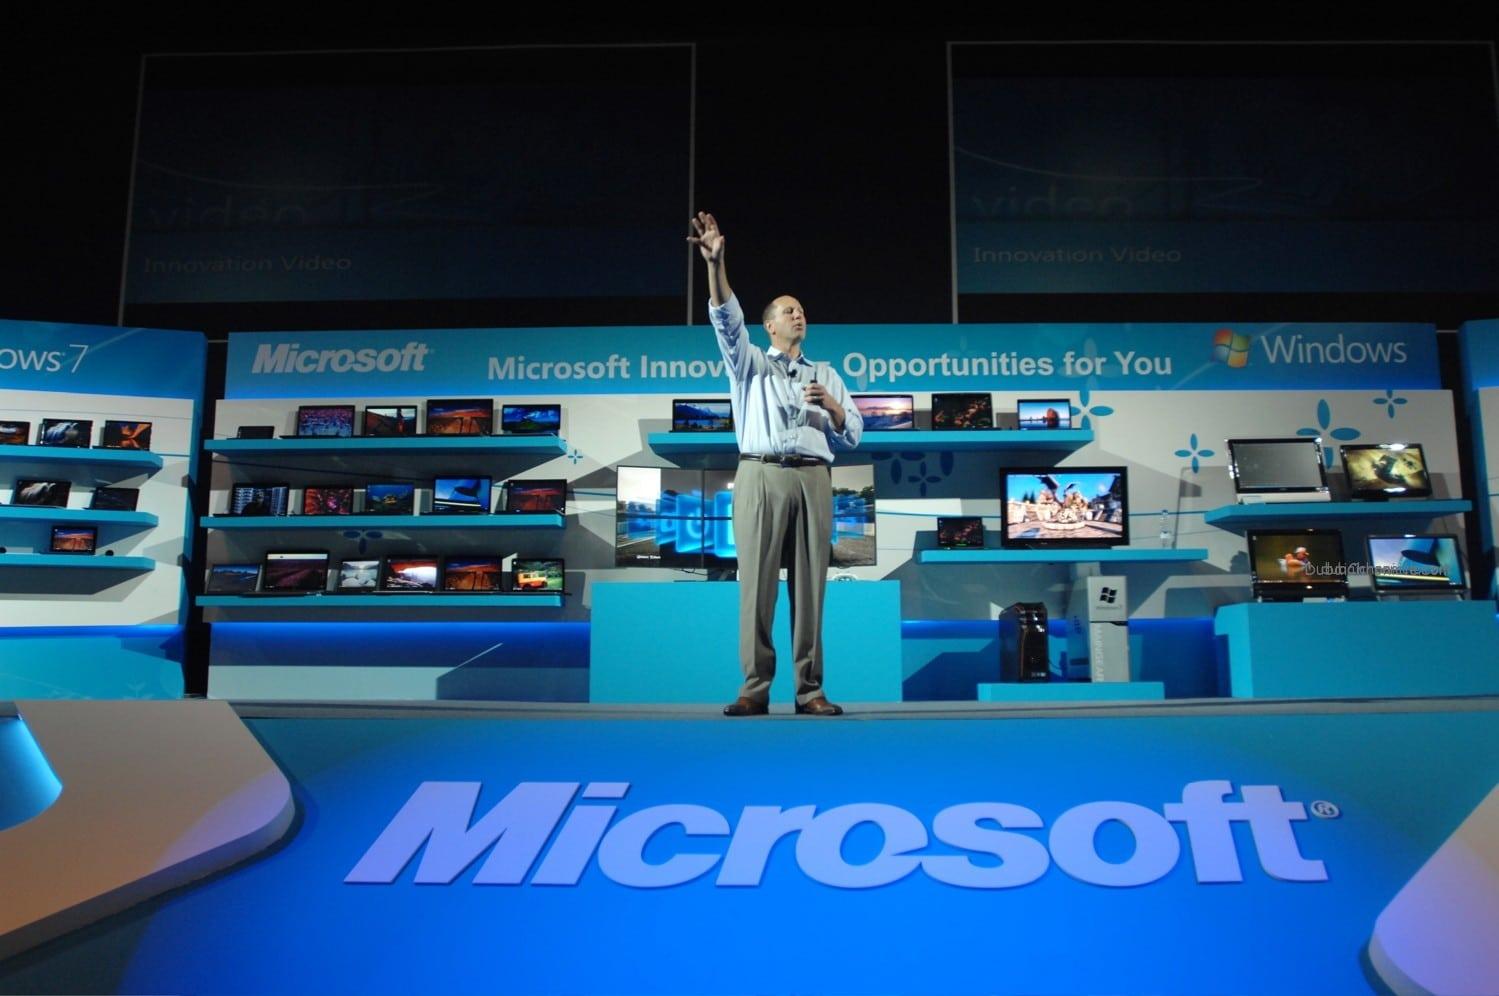 Steven Guggenheimer of Microsoft